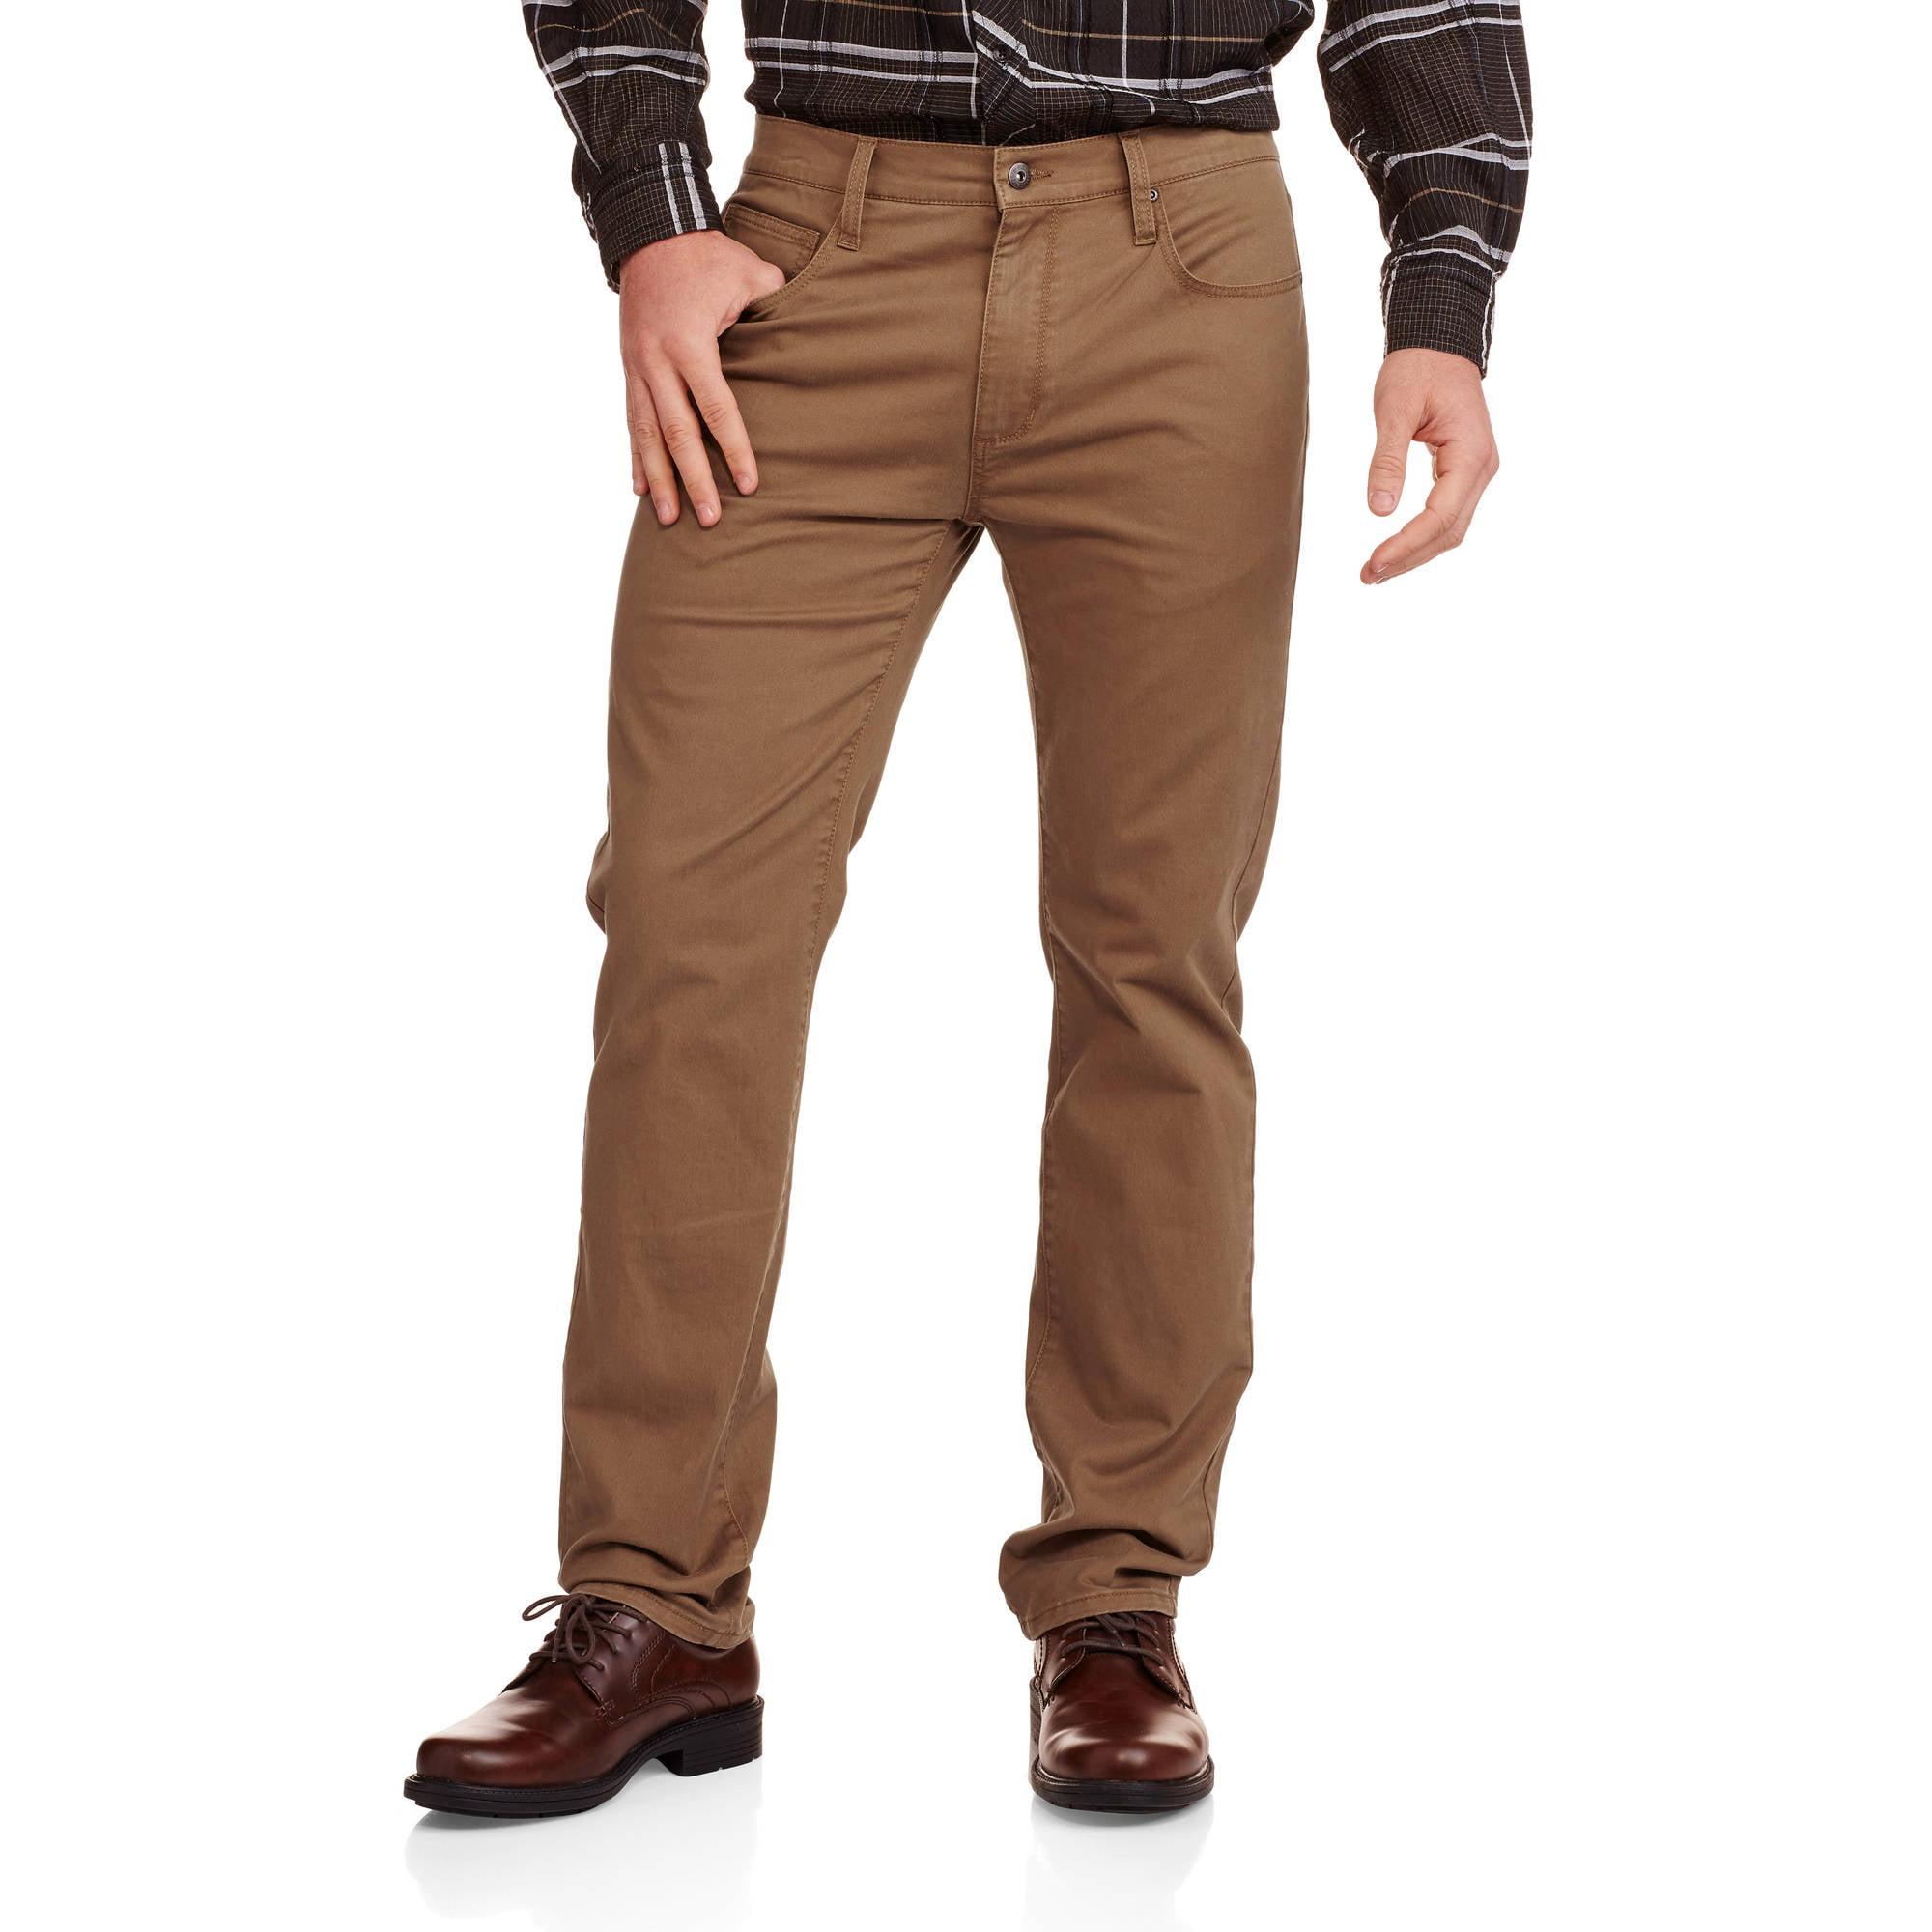 No Boundaries Men's 5 Pocket Stretch Twill Pants - Walmart.com